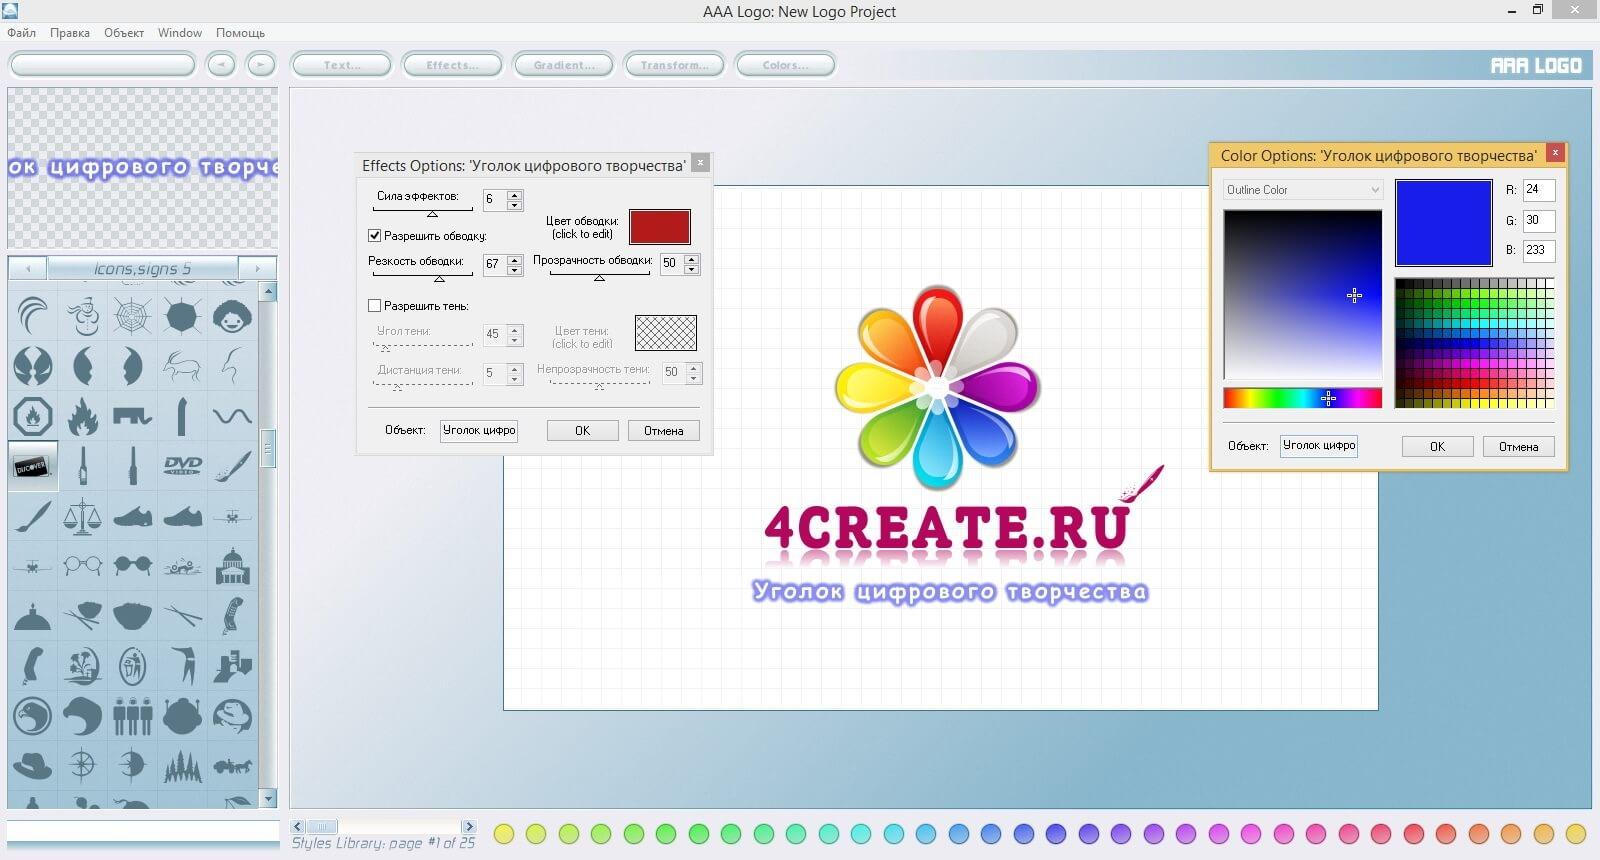 Скачать программу aaa logo